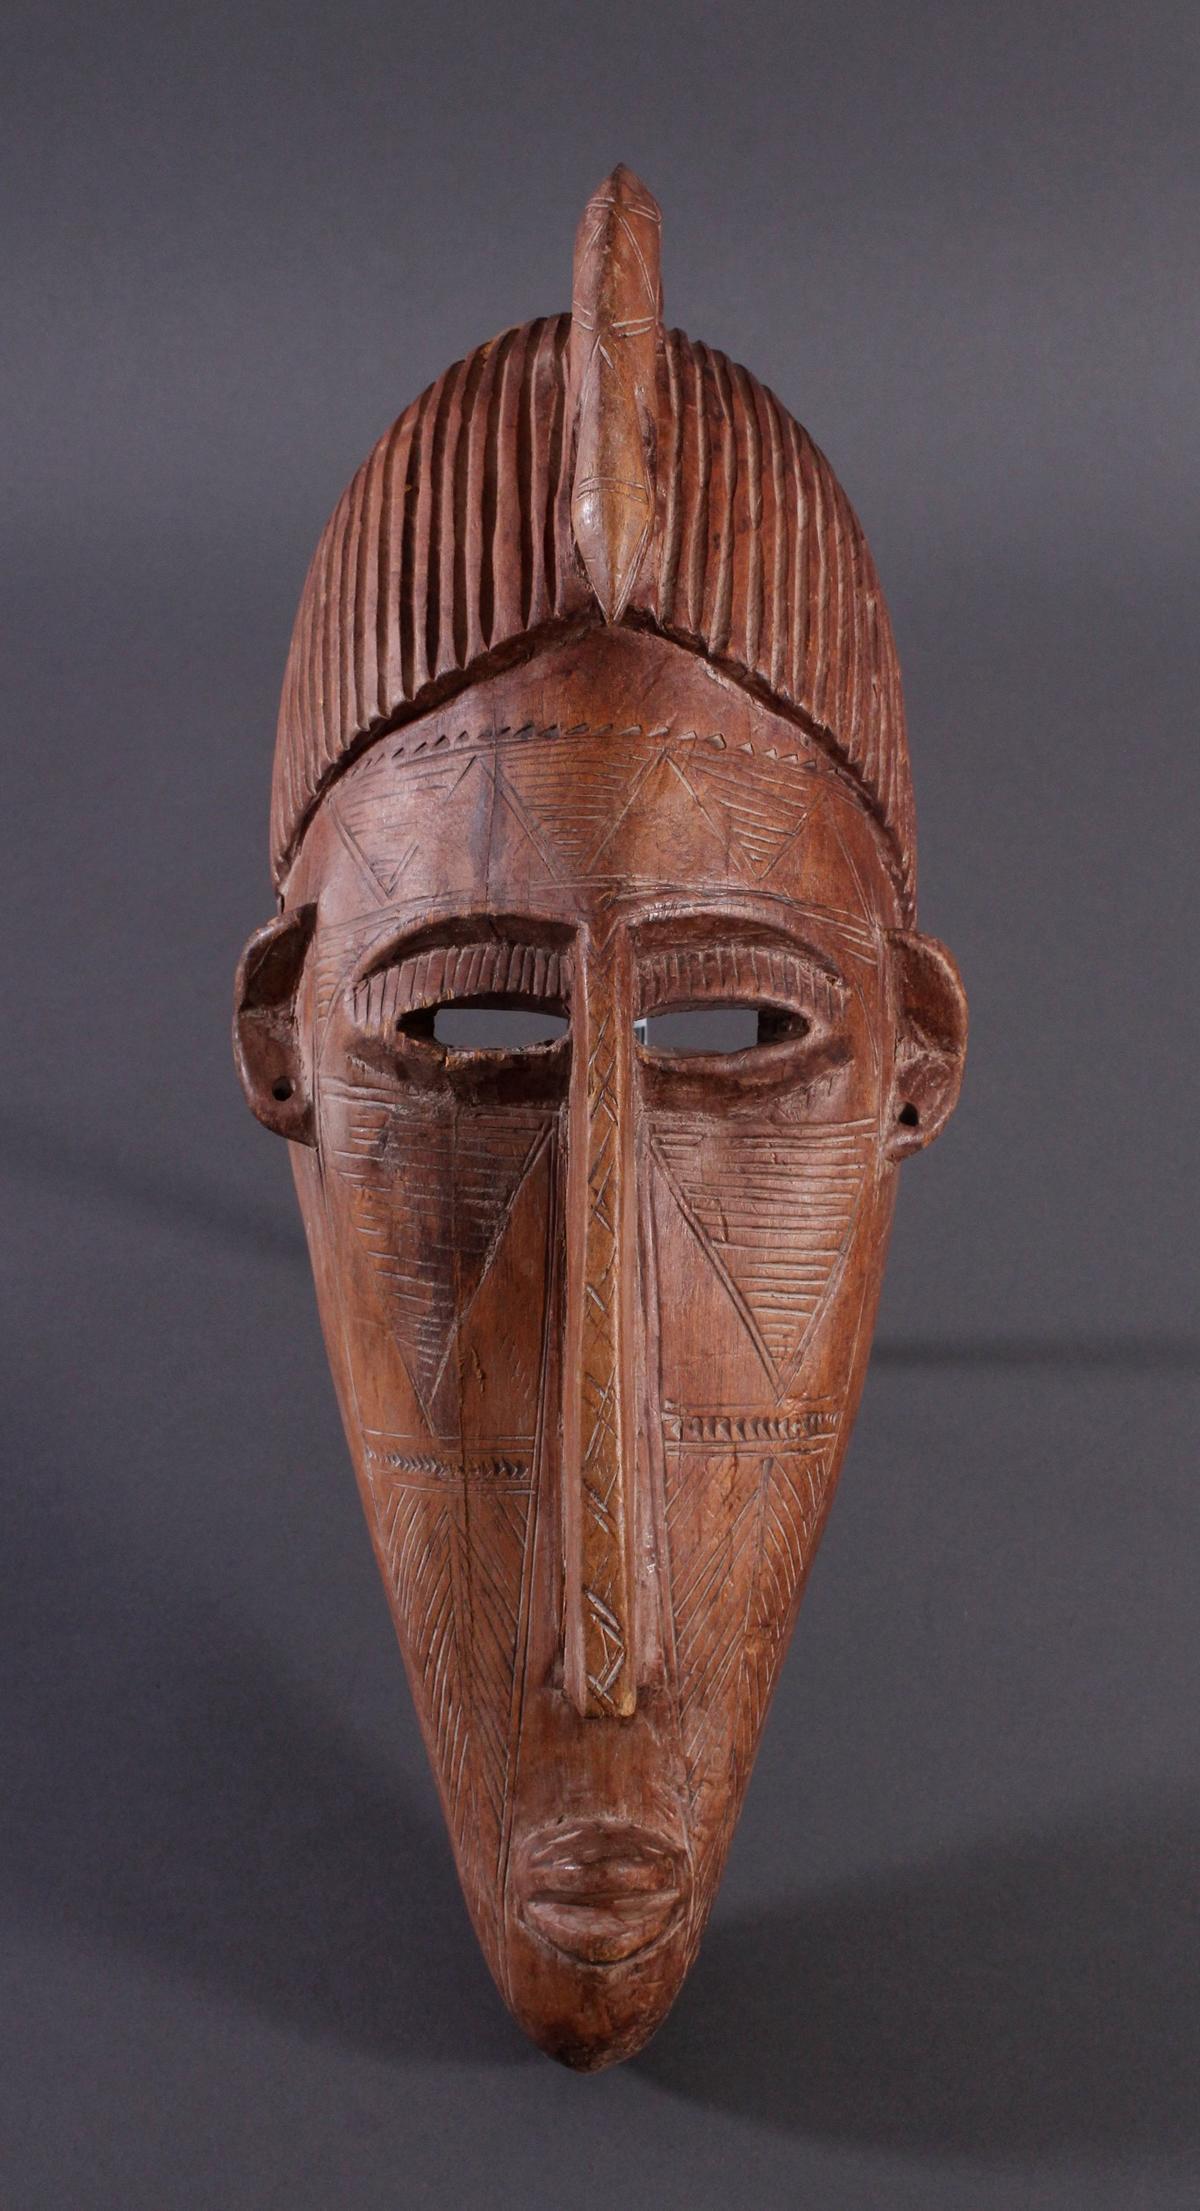 Maske der Bambara, Mali 1. Hälfte 20. Jh.